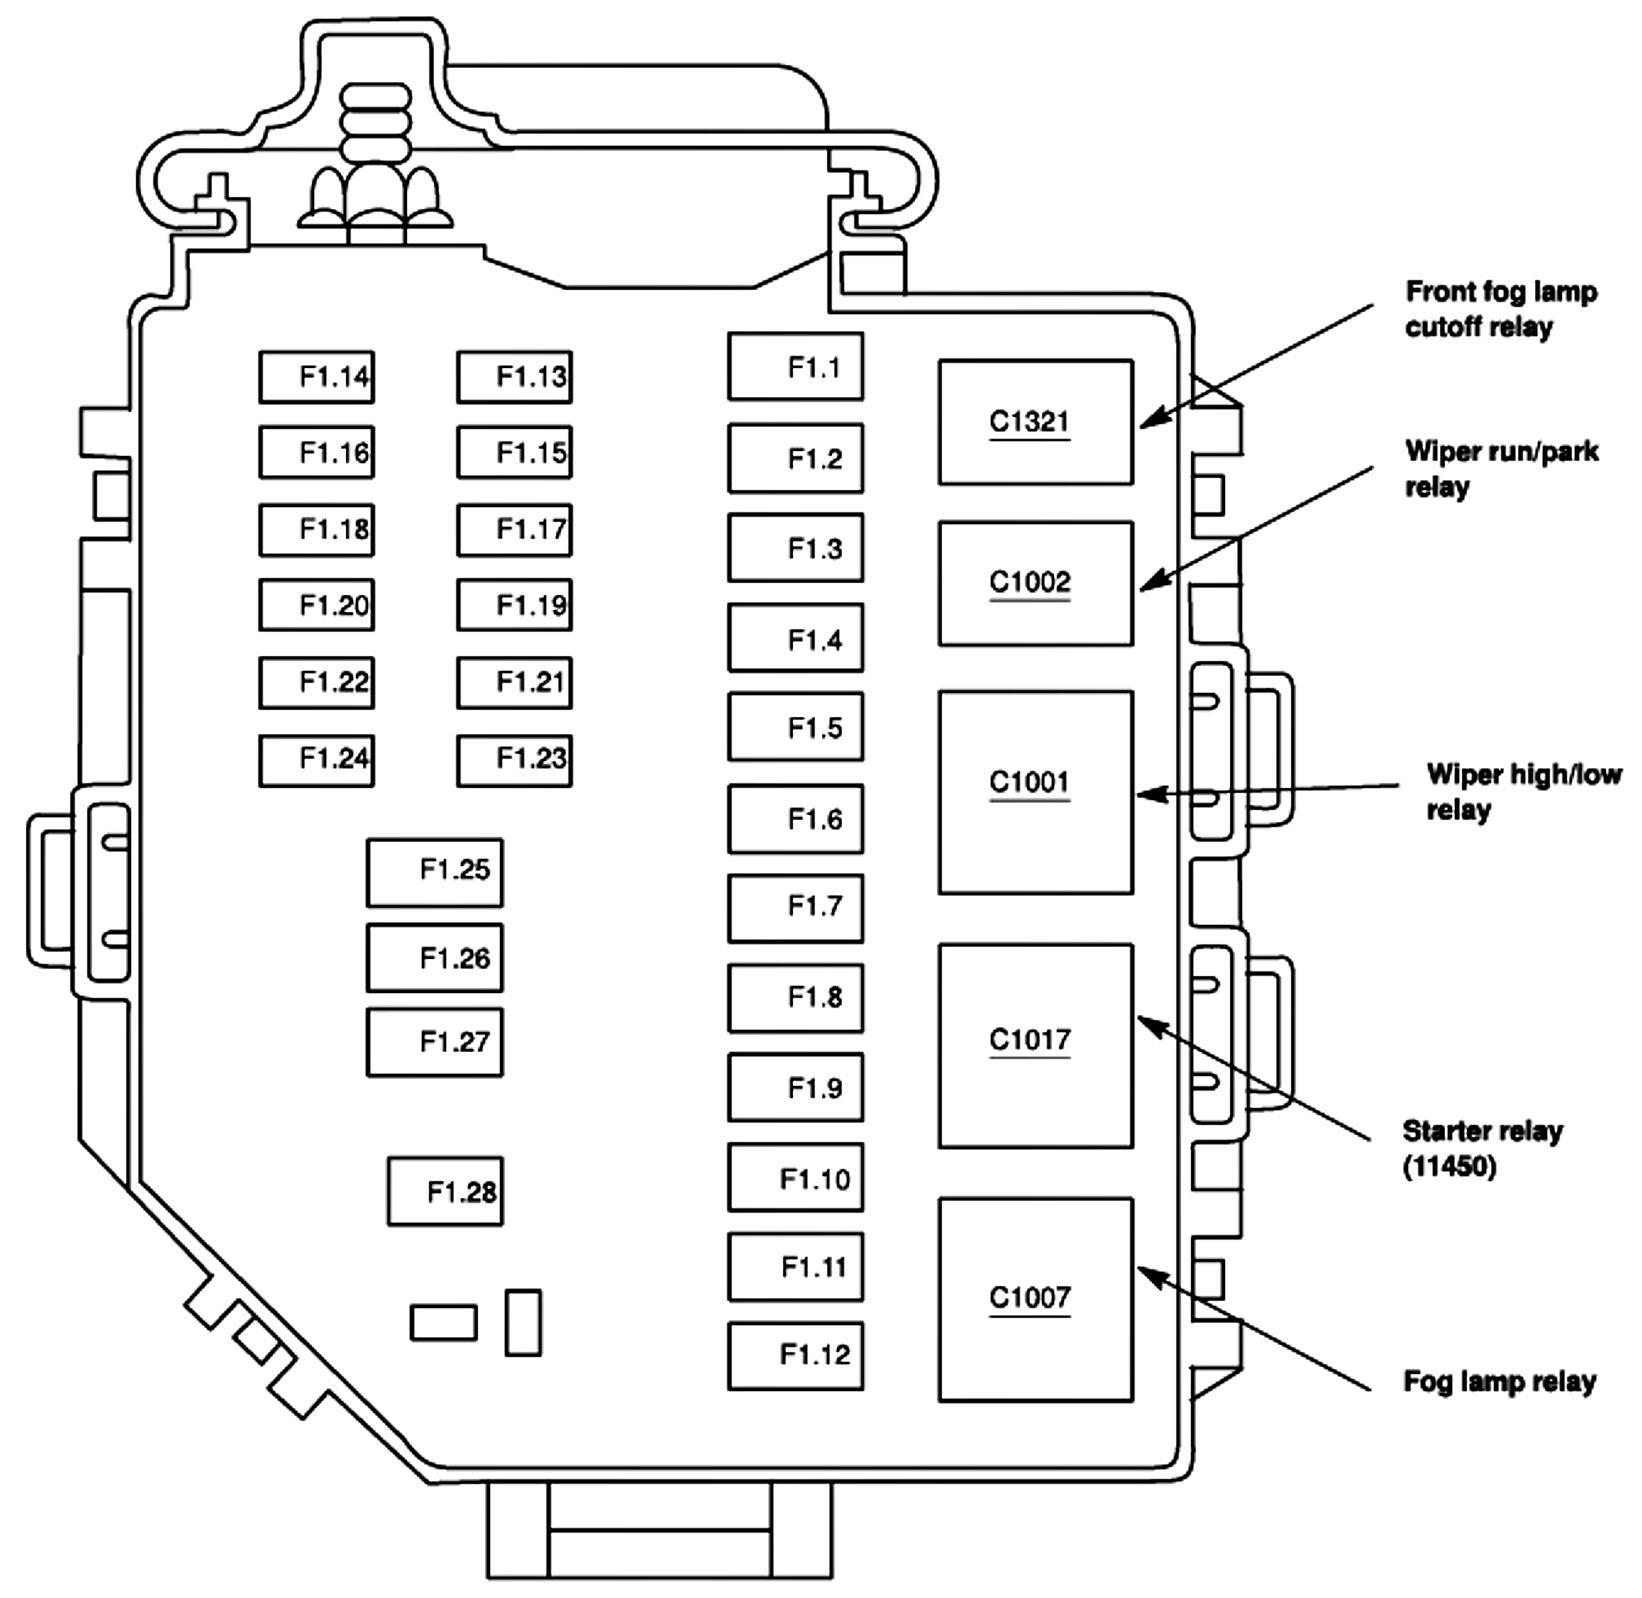 2000 Honda Civic Fuel Pump Relay Location